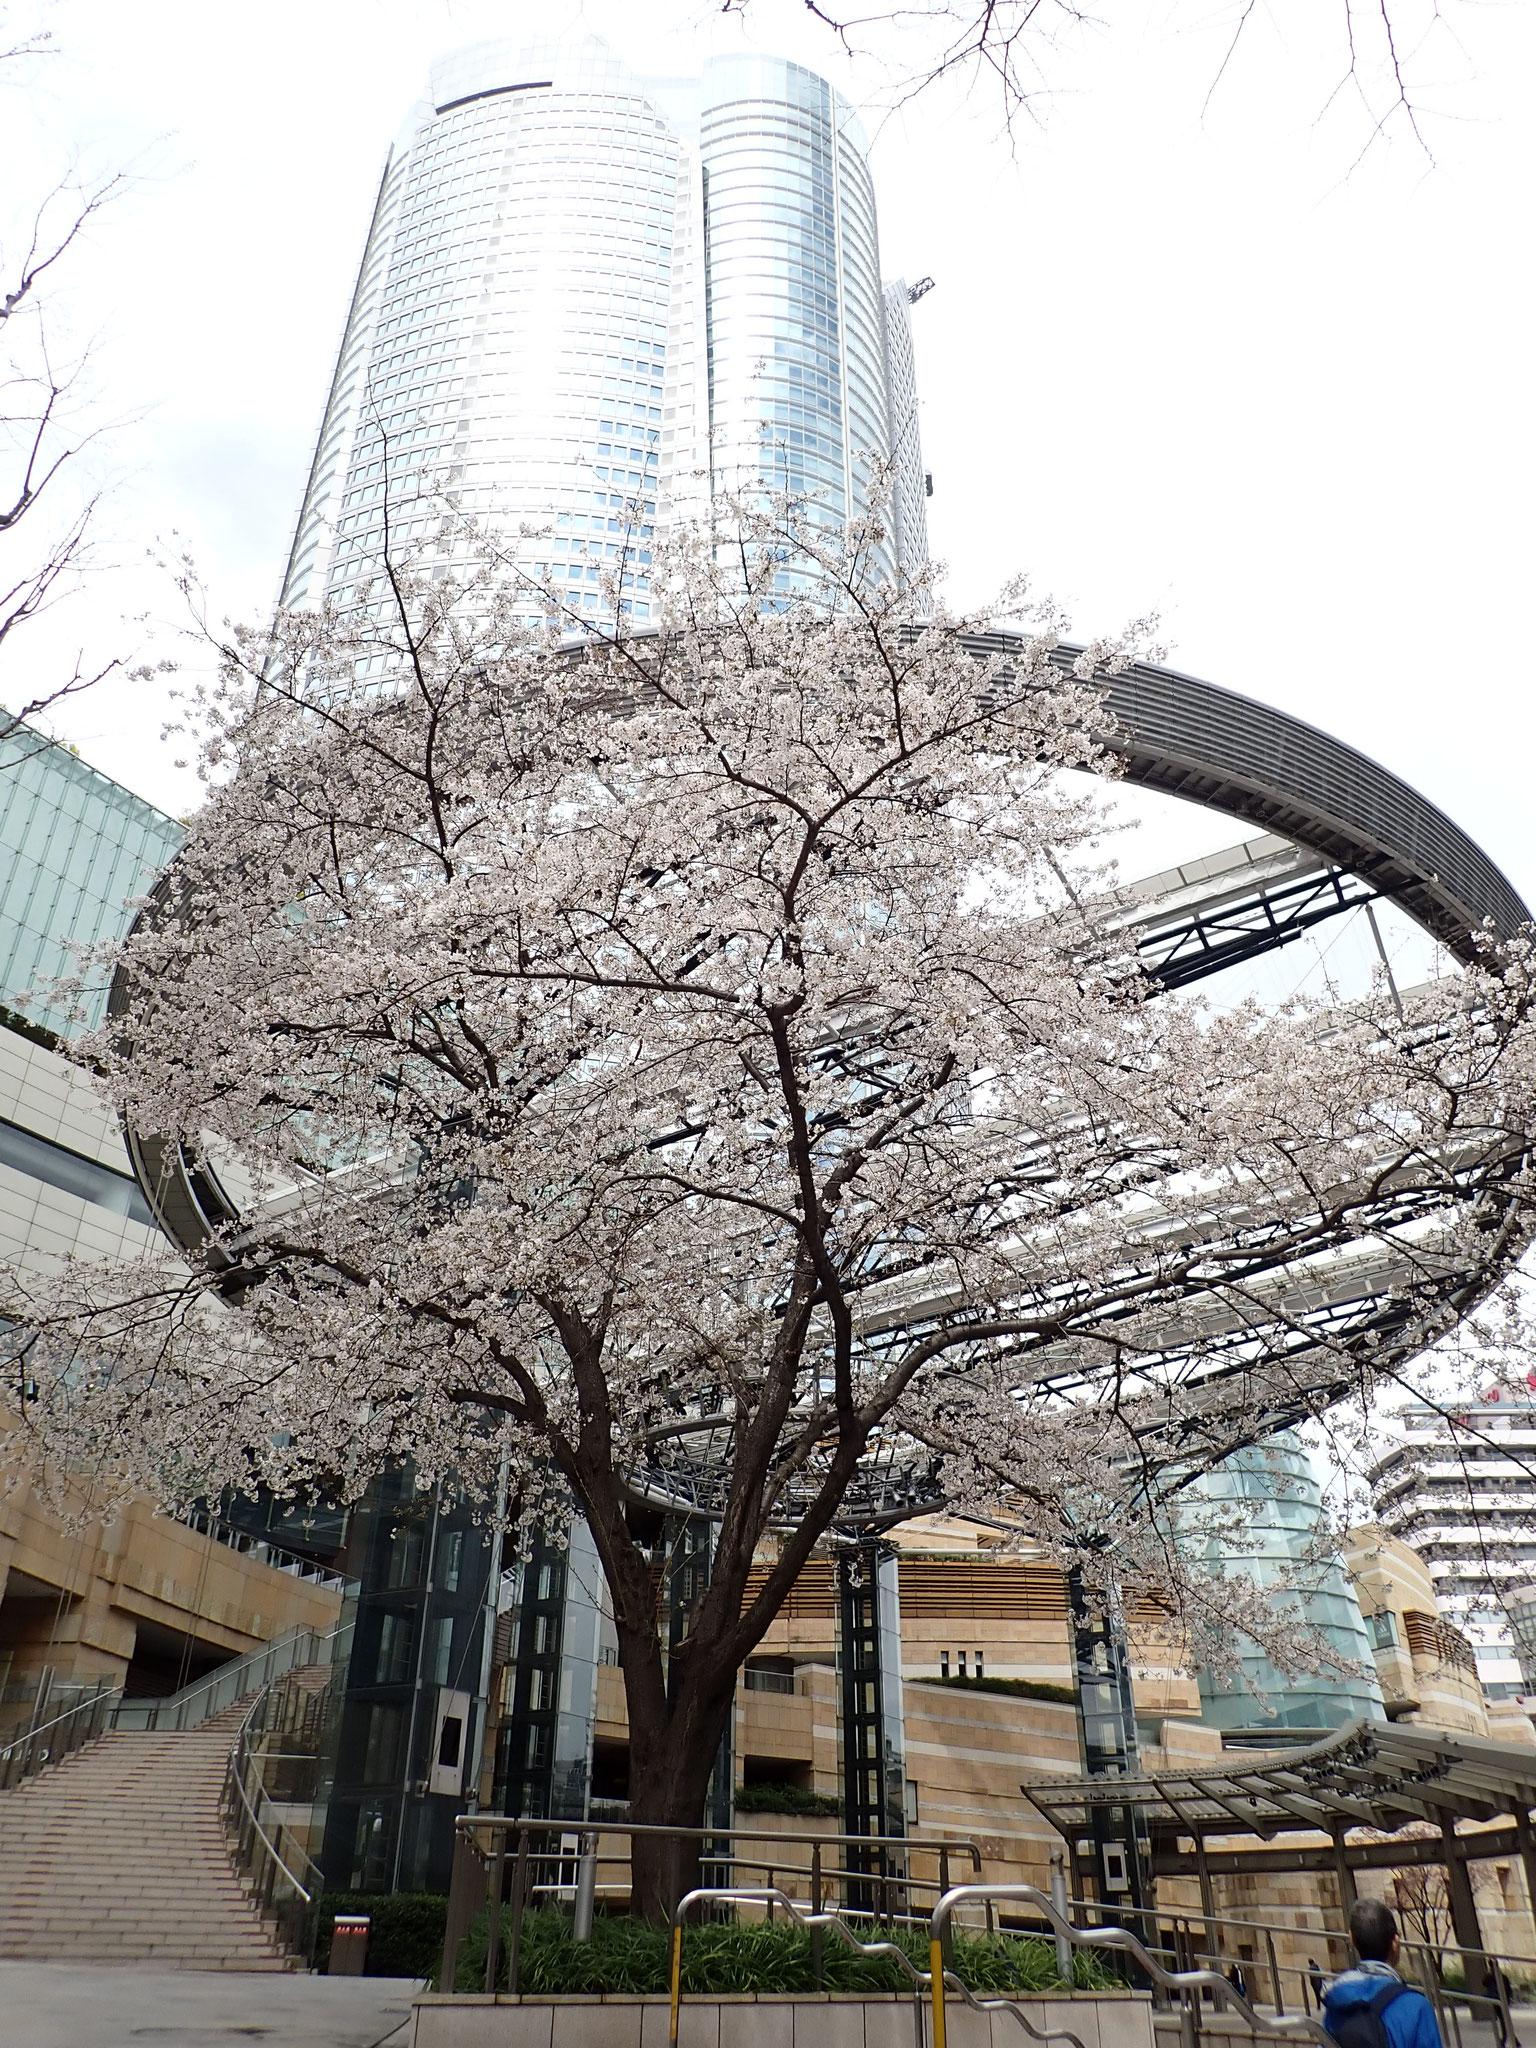 【六本木ヒルズ】森タワーとその手前が「六本木ヒルズアリーナ」の開閉式天井